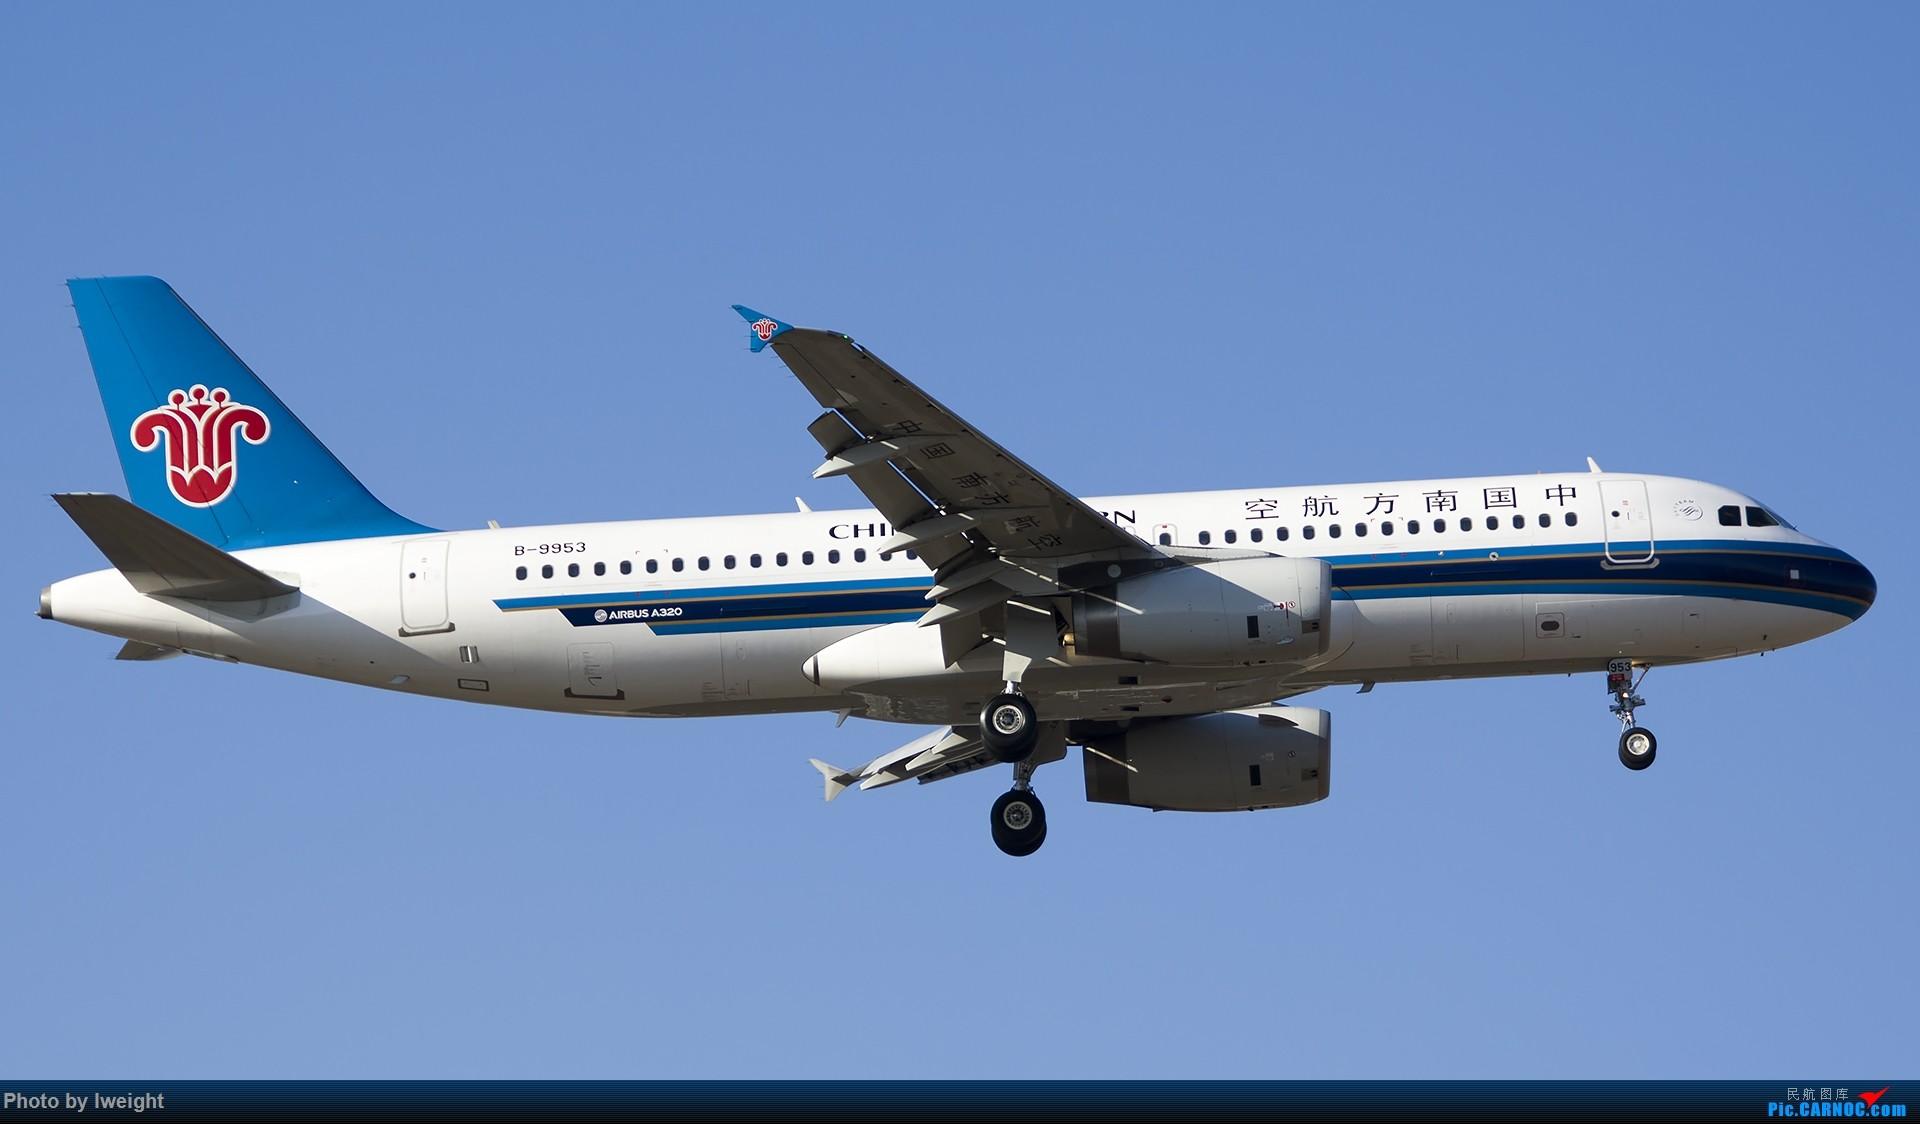 Re:[原创]2014-12-06 PEK天气由好变坏的直接体验 AIRBUS A320-200 B-9953 中国北京首都国际机场